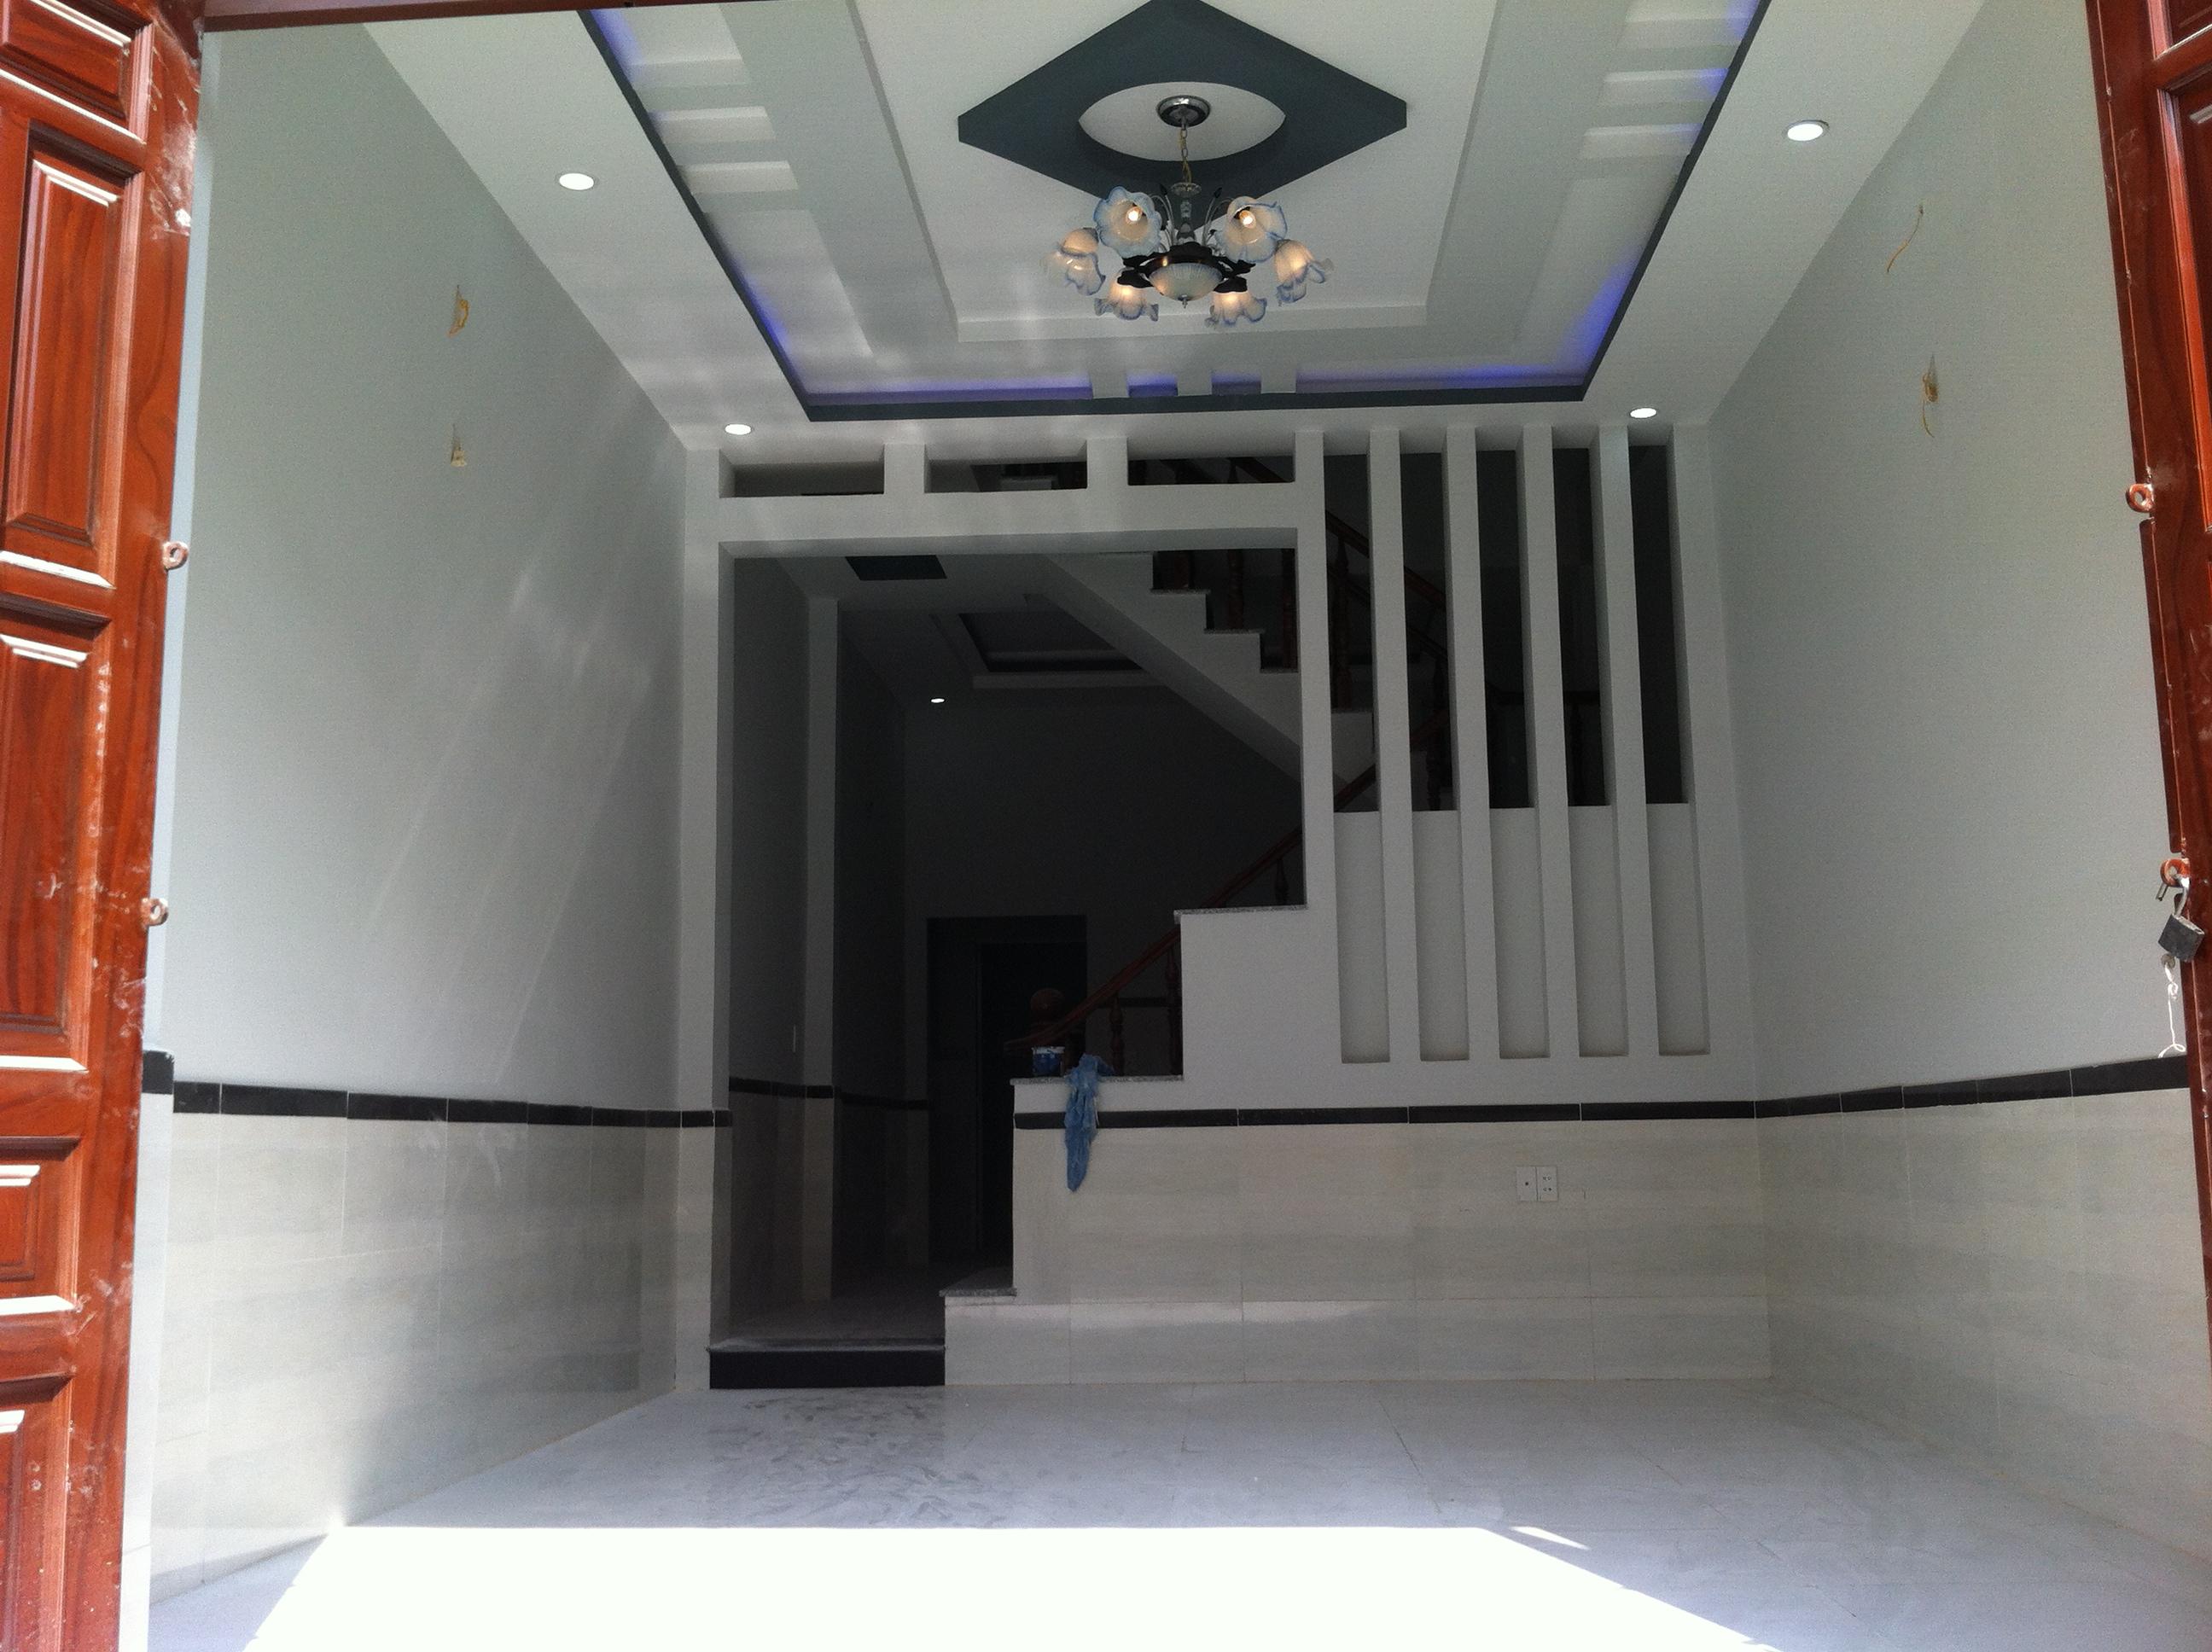 không gian bên trong mẫu nhà có vị trí đẹp ở dĩ an bình dương